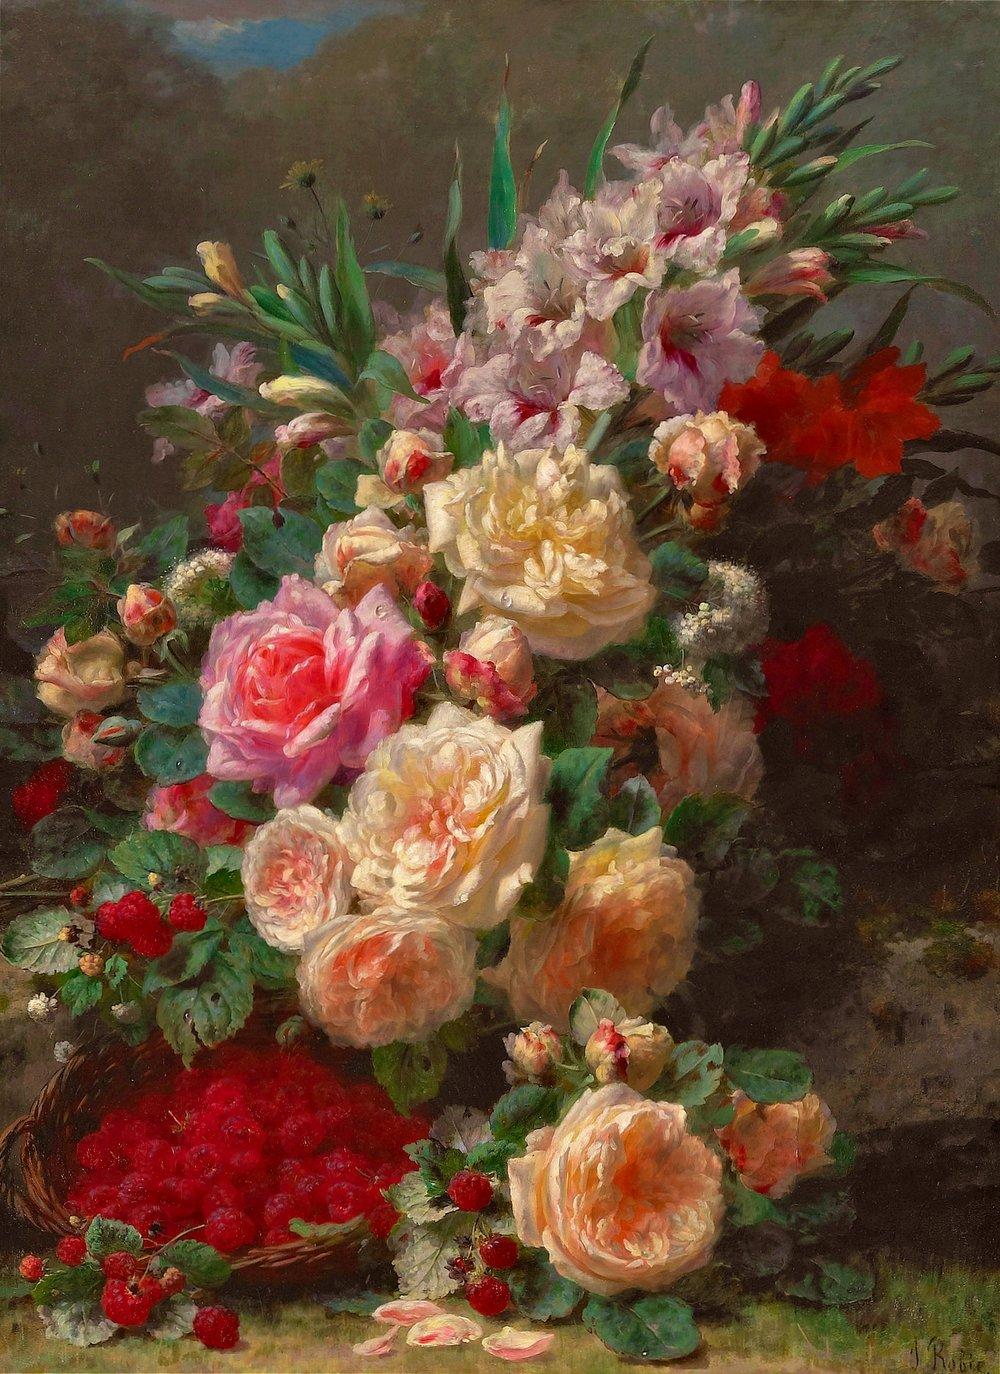 Floral, Flowers, Bouquets, Still Lifes